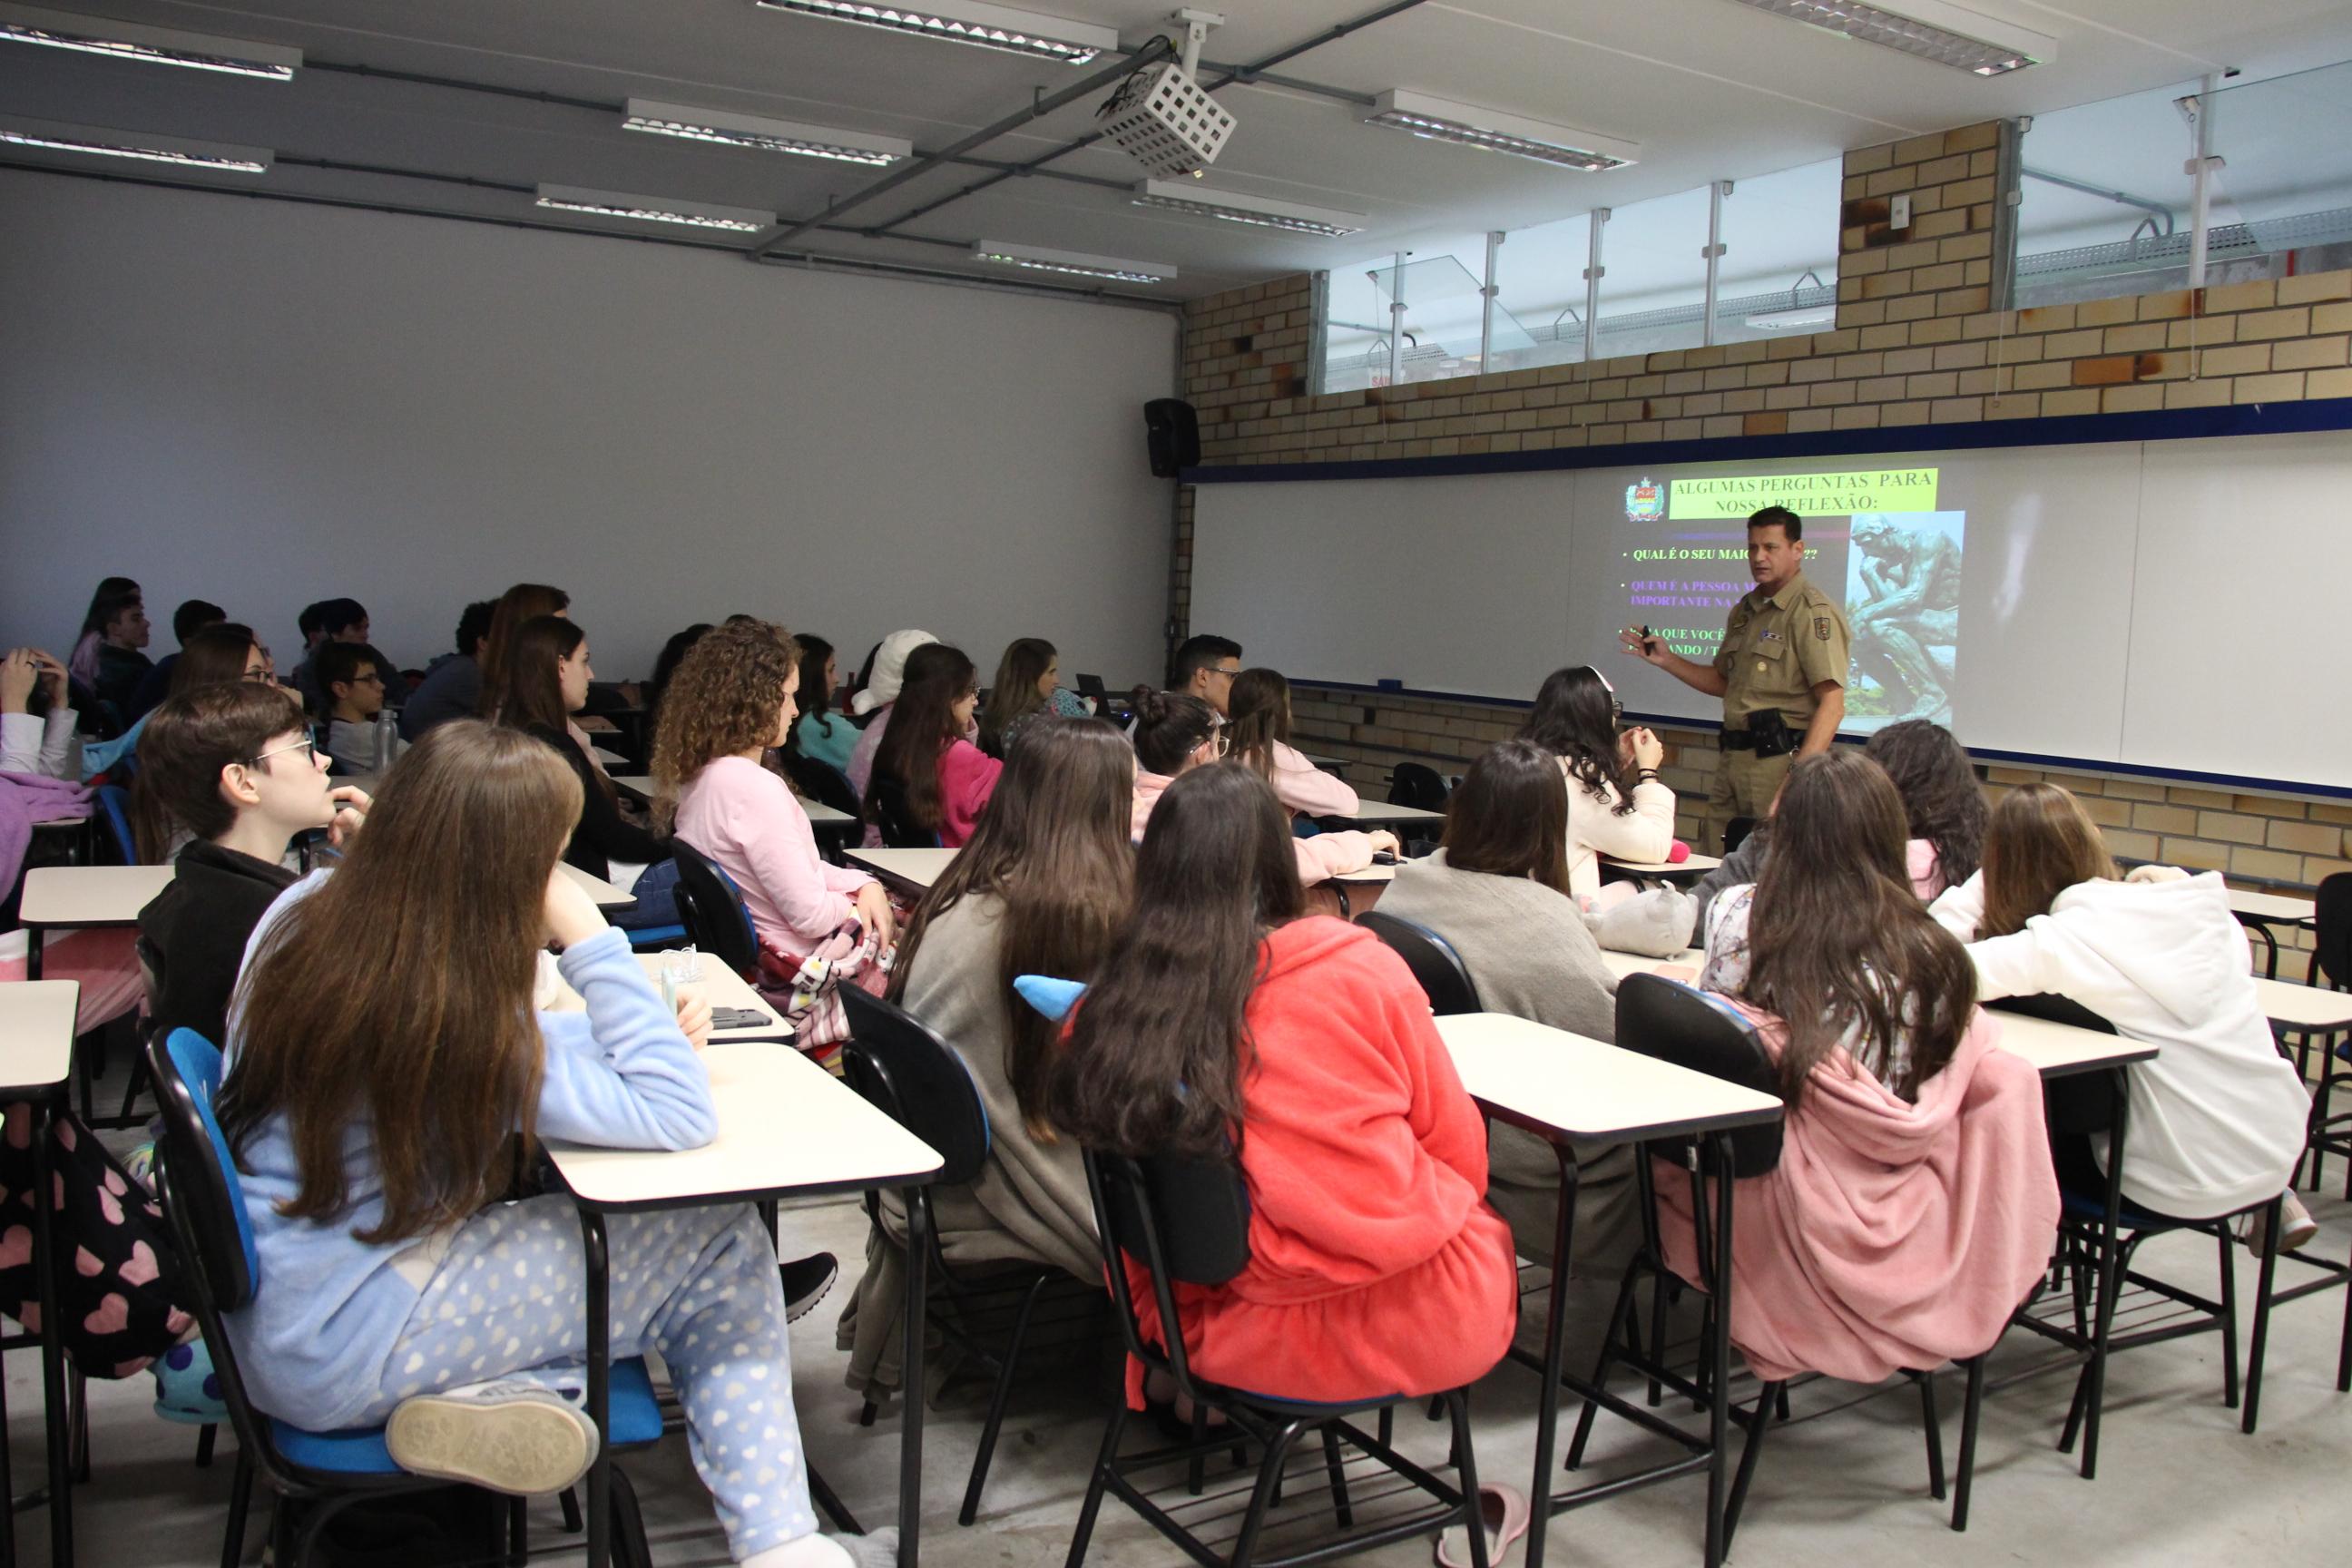 Alunos do Colégio Universitário de Brusque recebem palestra sobre cuidados no trânsito